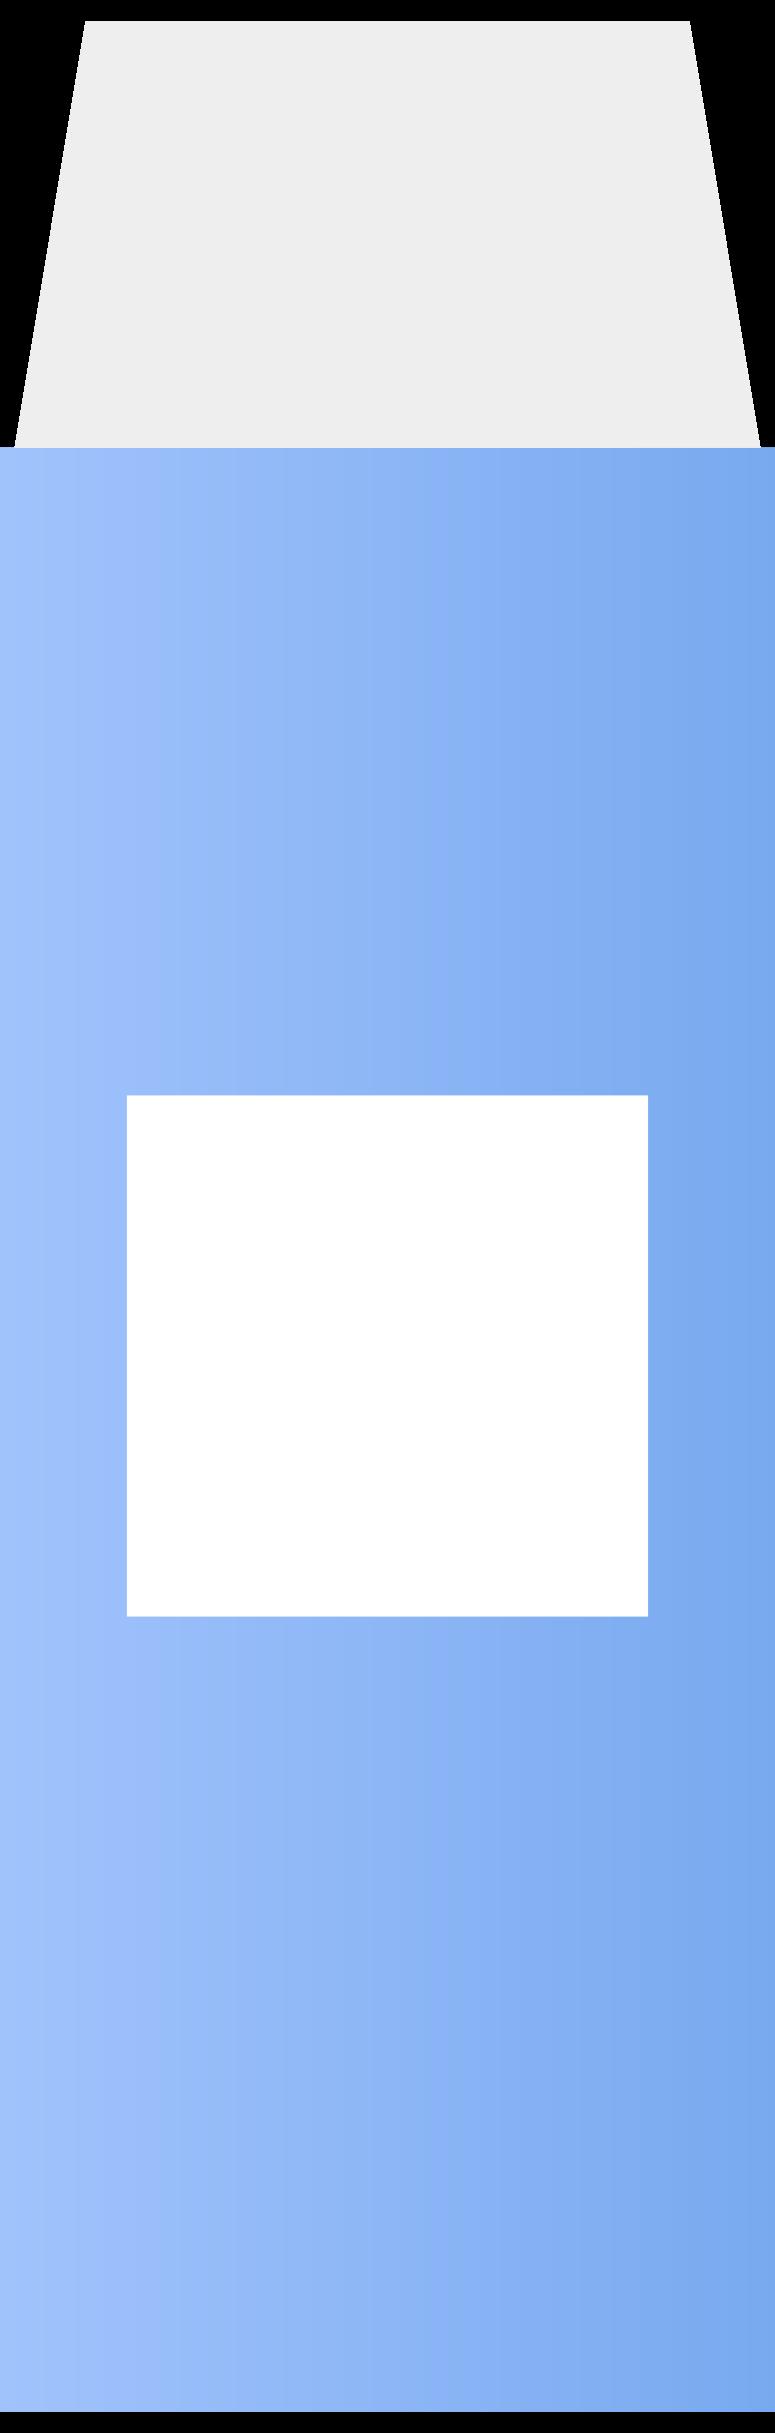 shampoo Clipart-Grafik als PNG, SVG